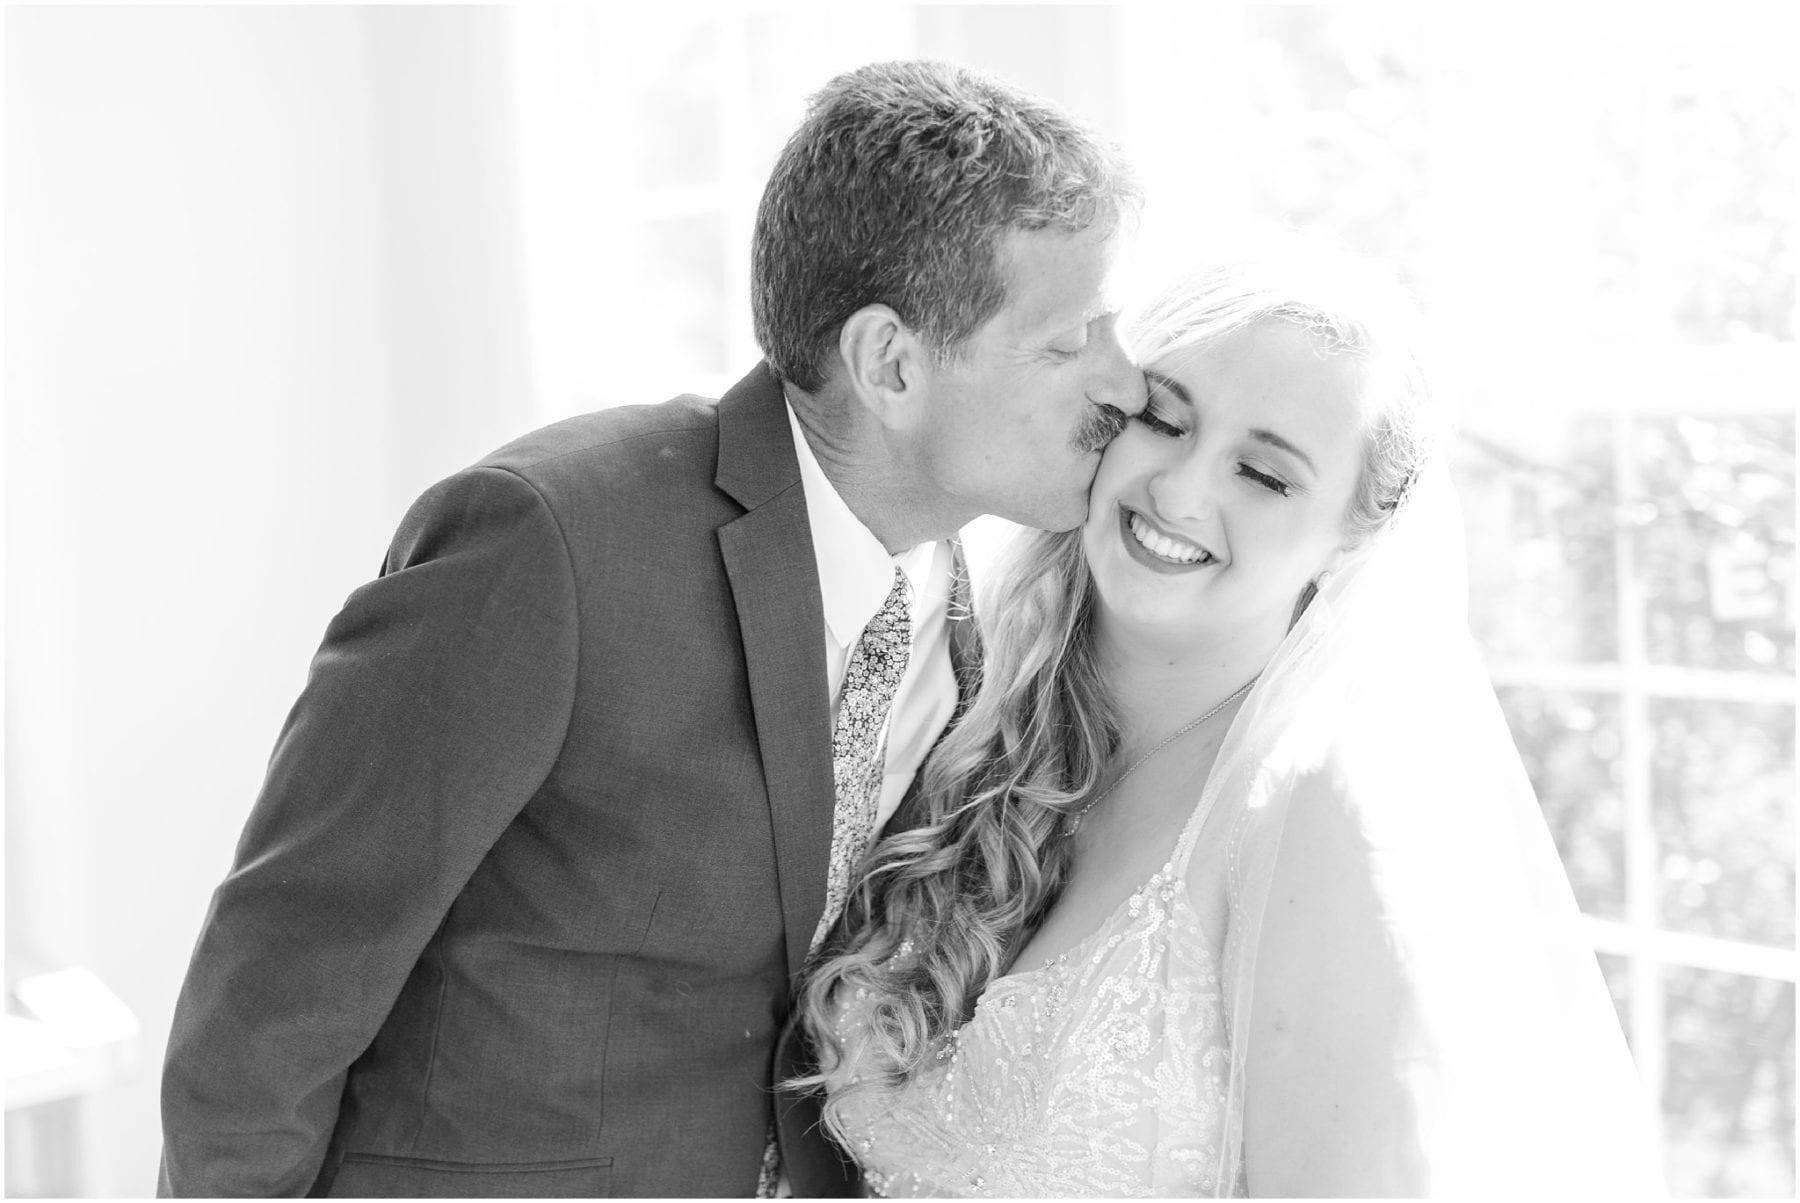 Maryland Backyard Wedding Photos Kelly & Zach Megan Kelsey Photography-81.jpg